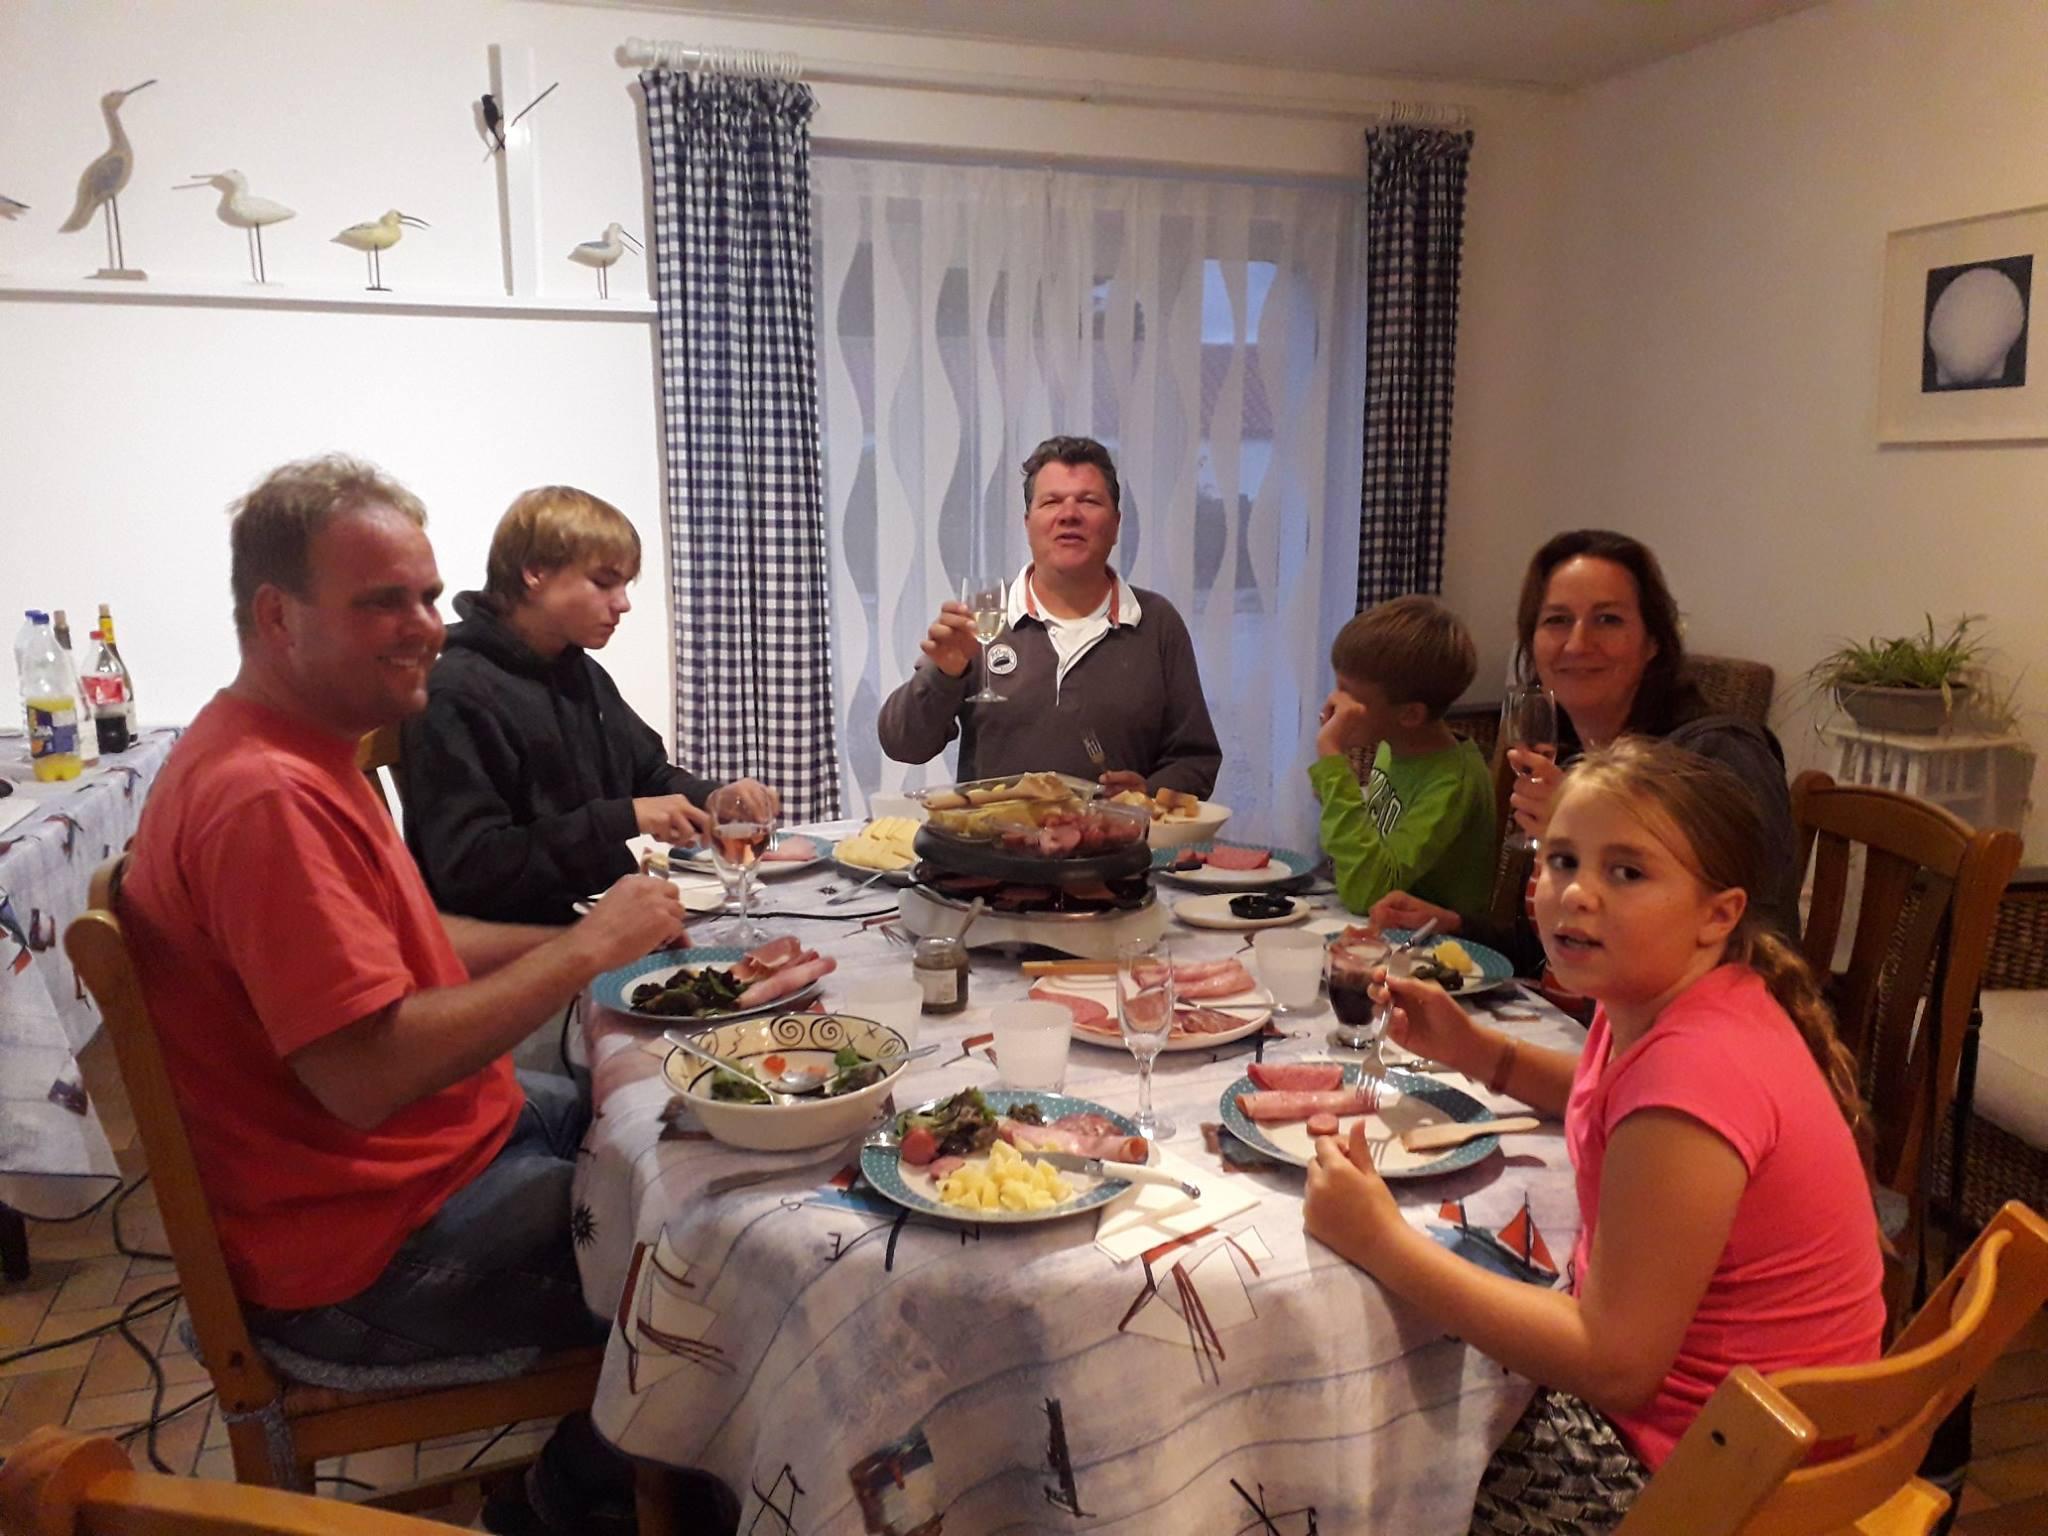 gezellig diner in Frankrijk